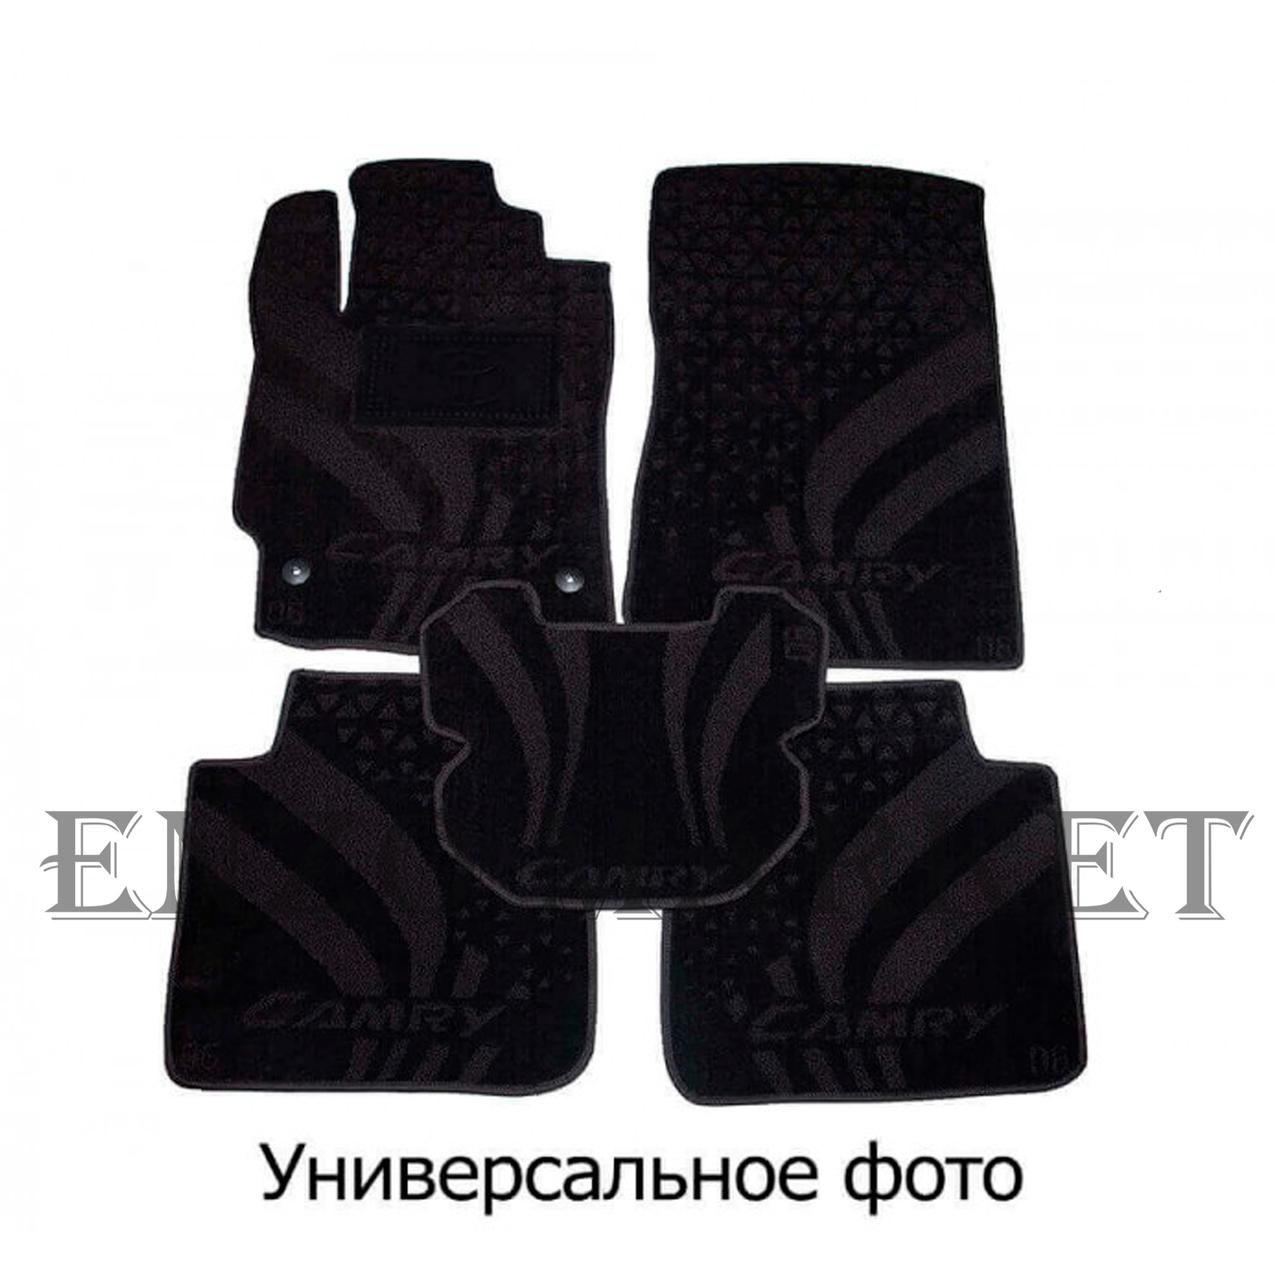 Текстильные автоковрики в салон Audi A7 (4G) Sportback 2010- (AVTO-Tex)